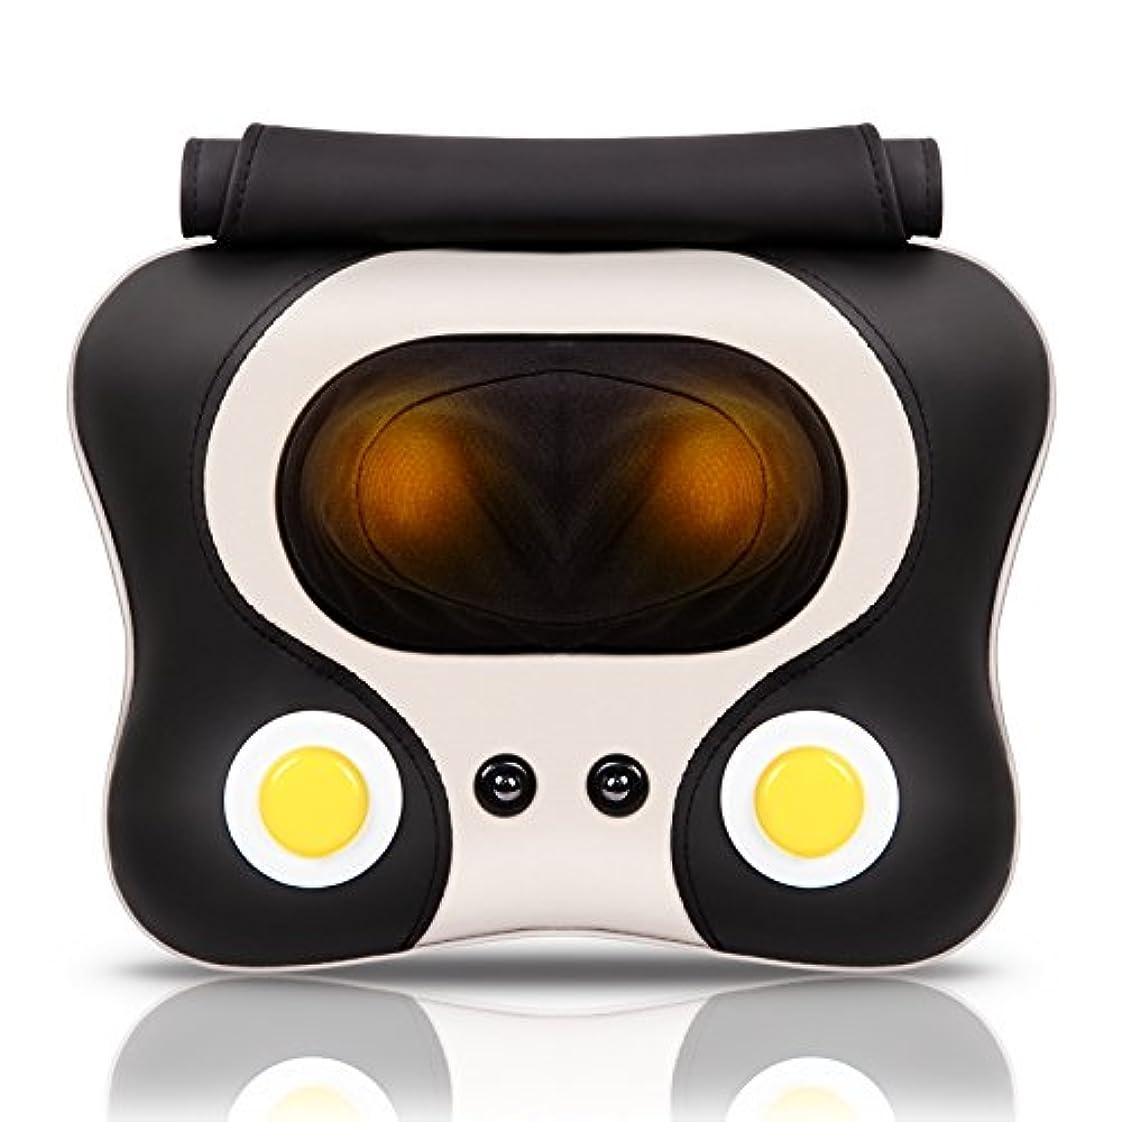 トランクライブラリ照らすバストHAIZHEN マッサージチェア 全身用マッサージピロー電動ネックマッサージ混和指圧マッサージ(3色) (色 : B)